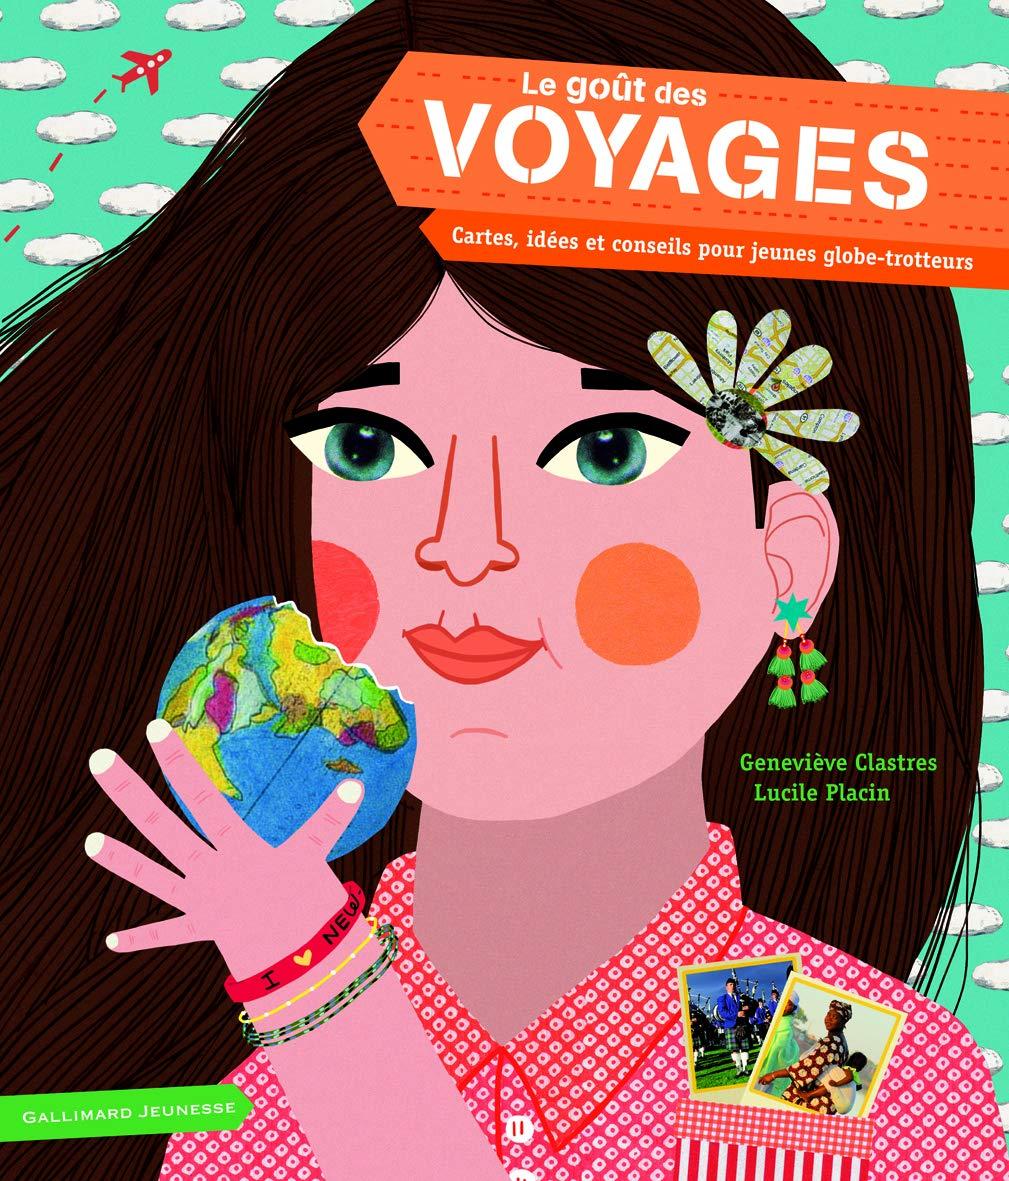 Le goût des voyages : cartes, idées et conseils pour jeunes globe-trotteurs